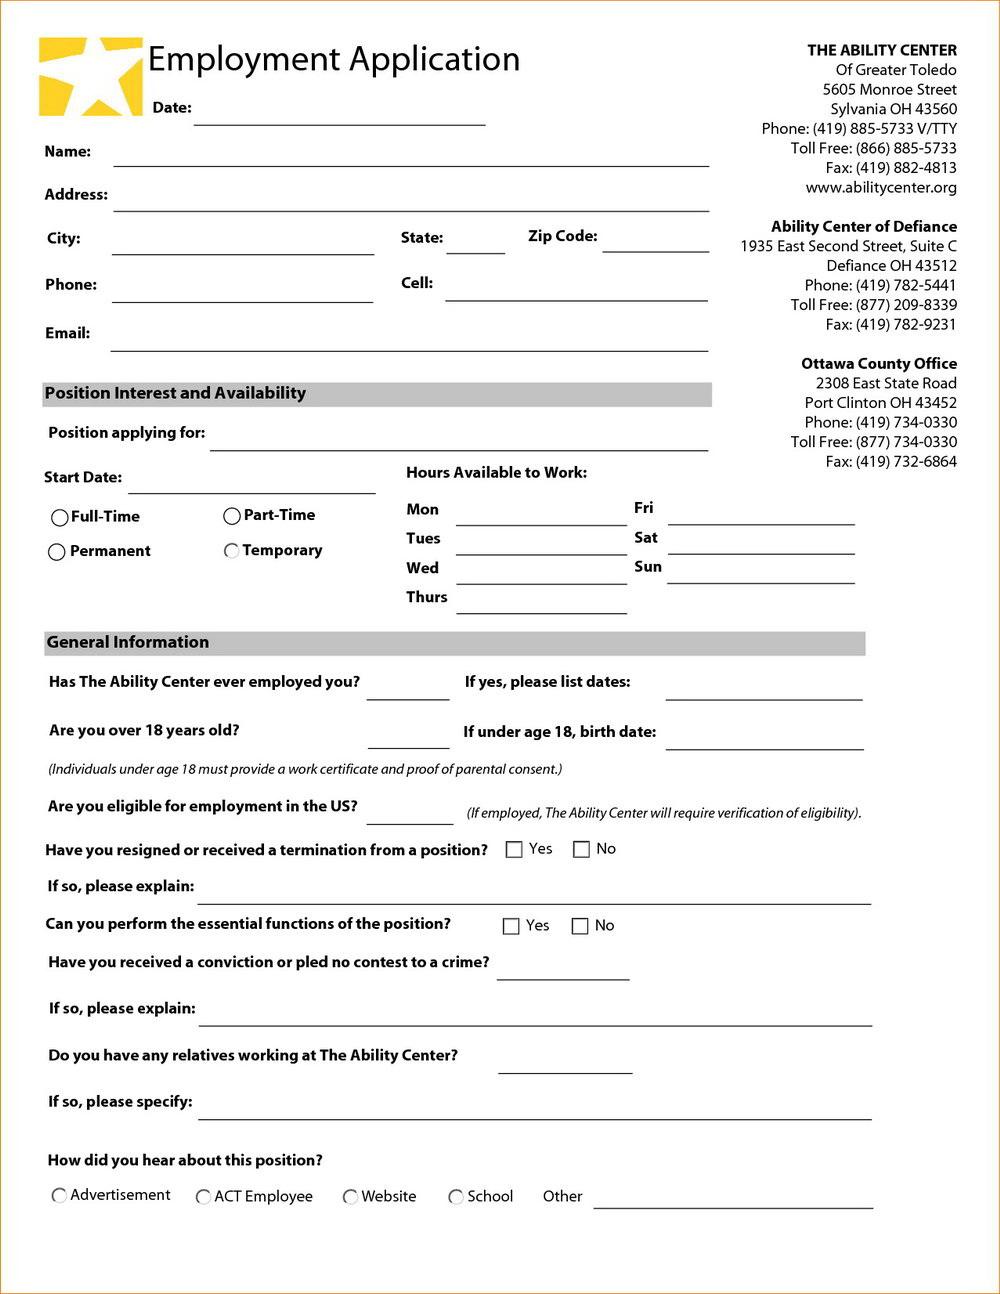 Rgis Job Application Form